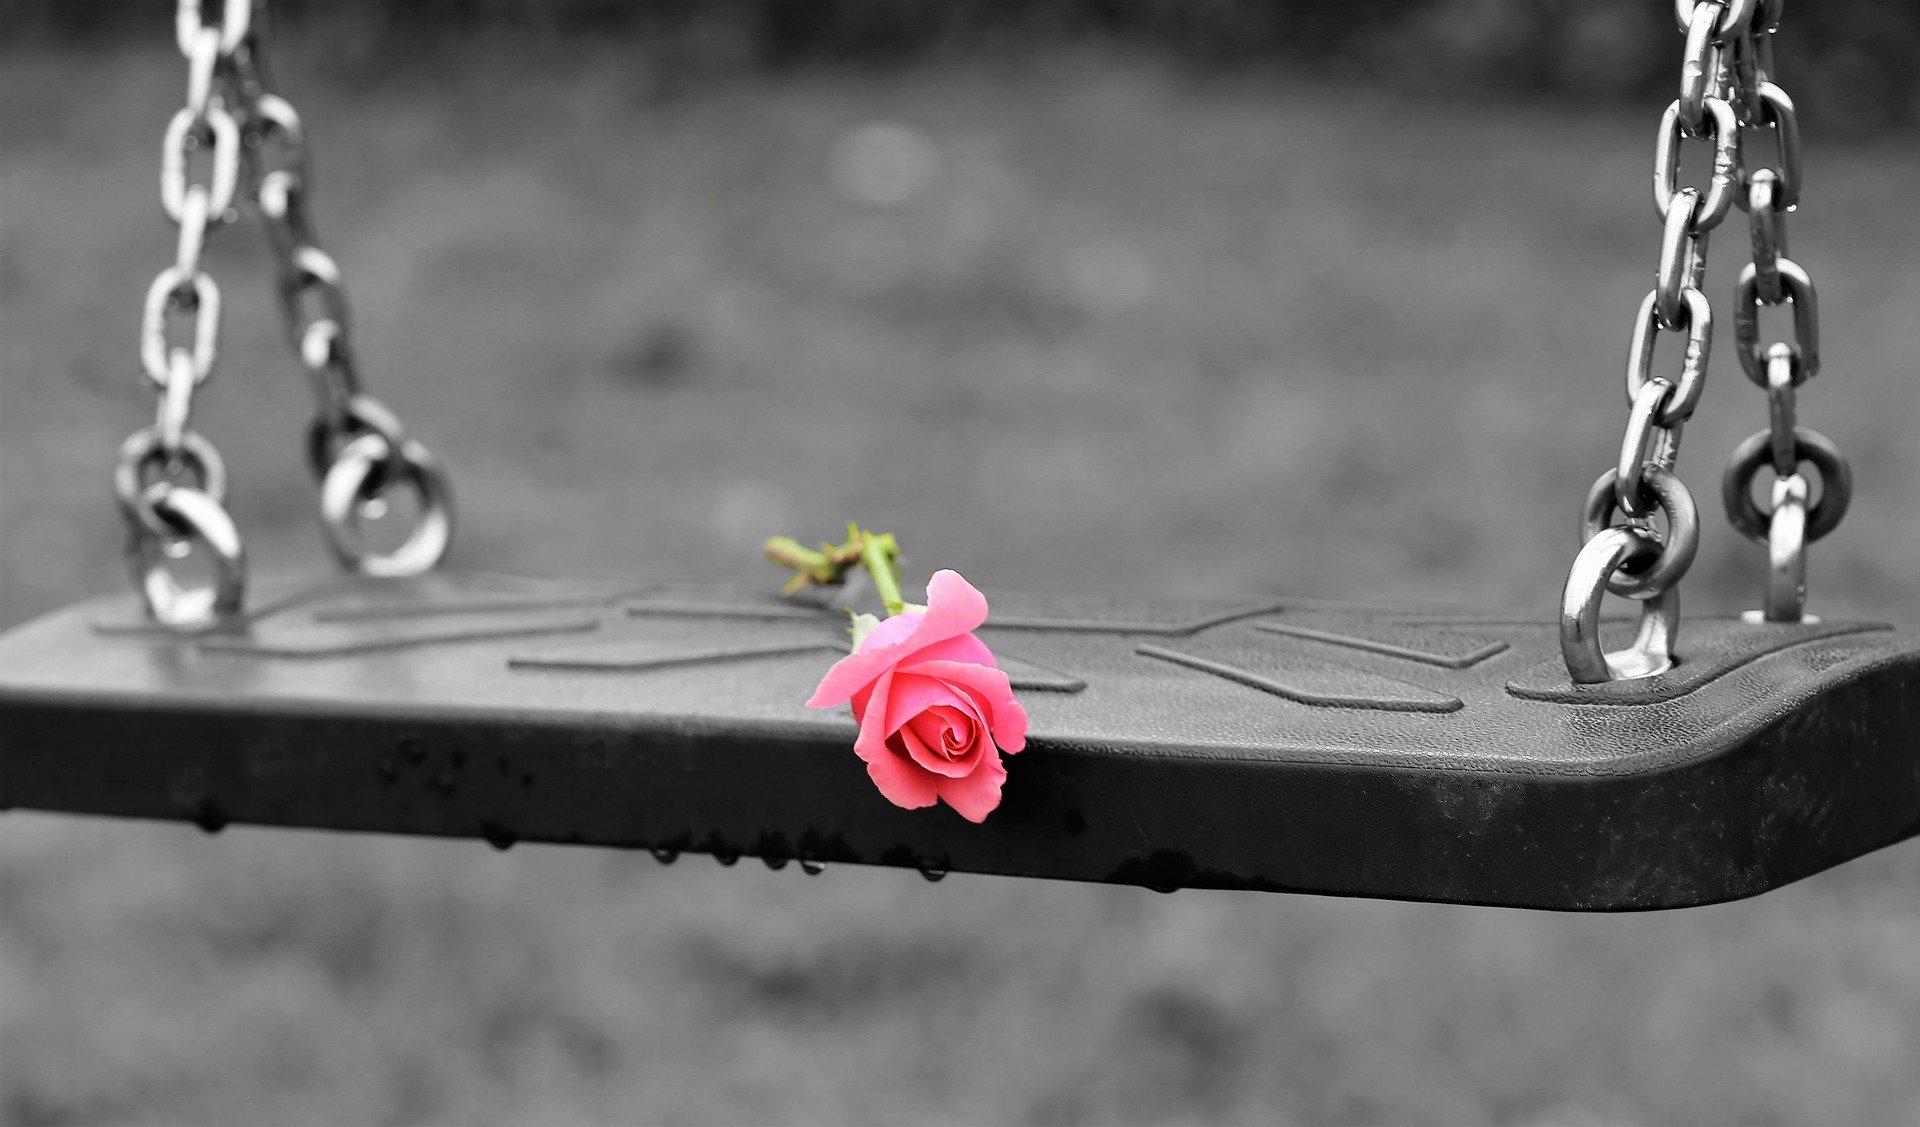 صورة لزهرة أو وردة حمراء متروكة على أرجوحة